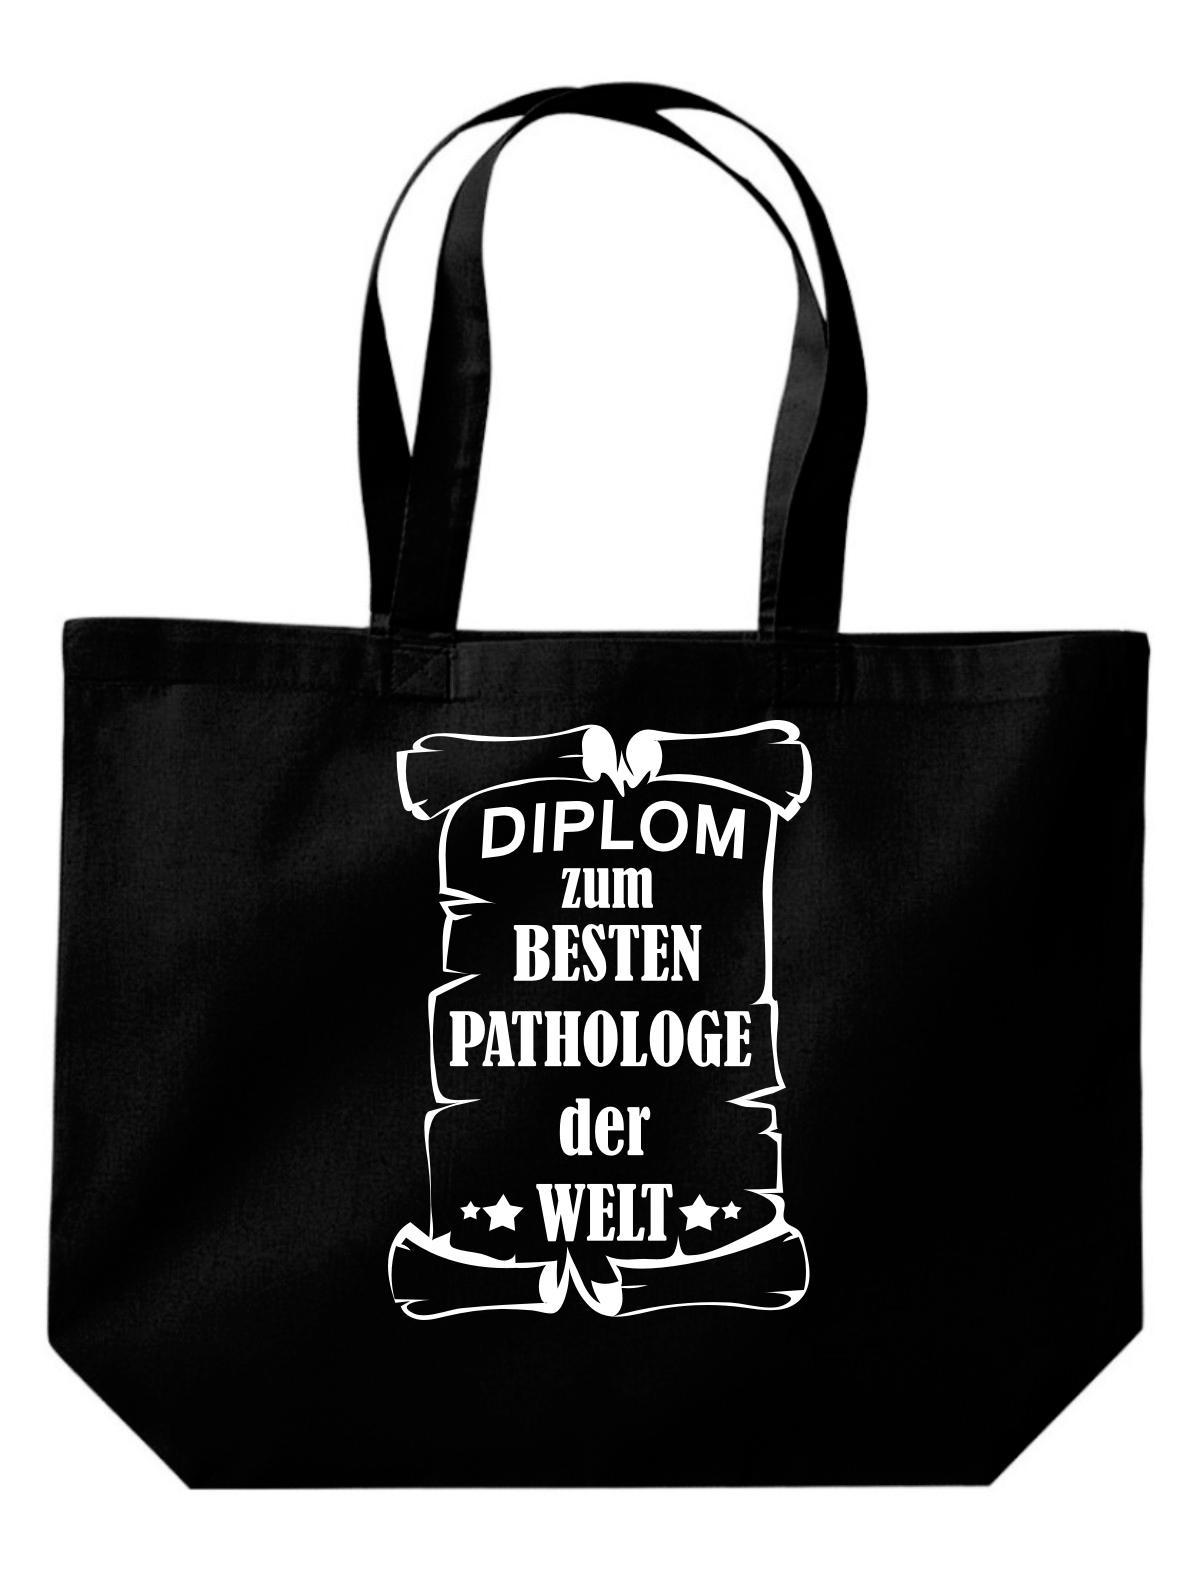 große Einkaufstasche, Diplom zum besten Pathologe der Welt,